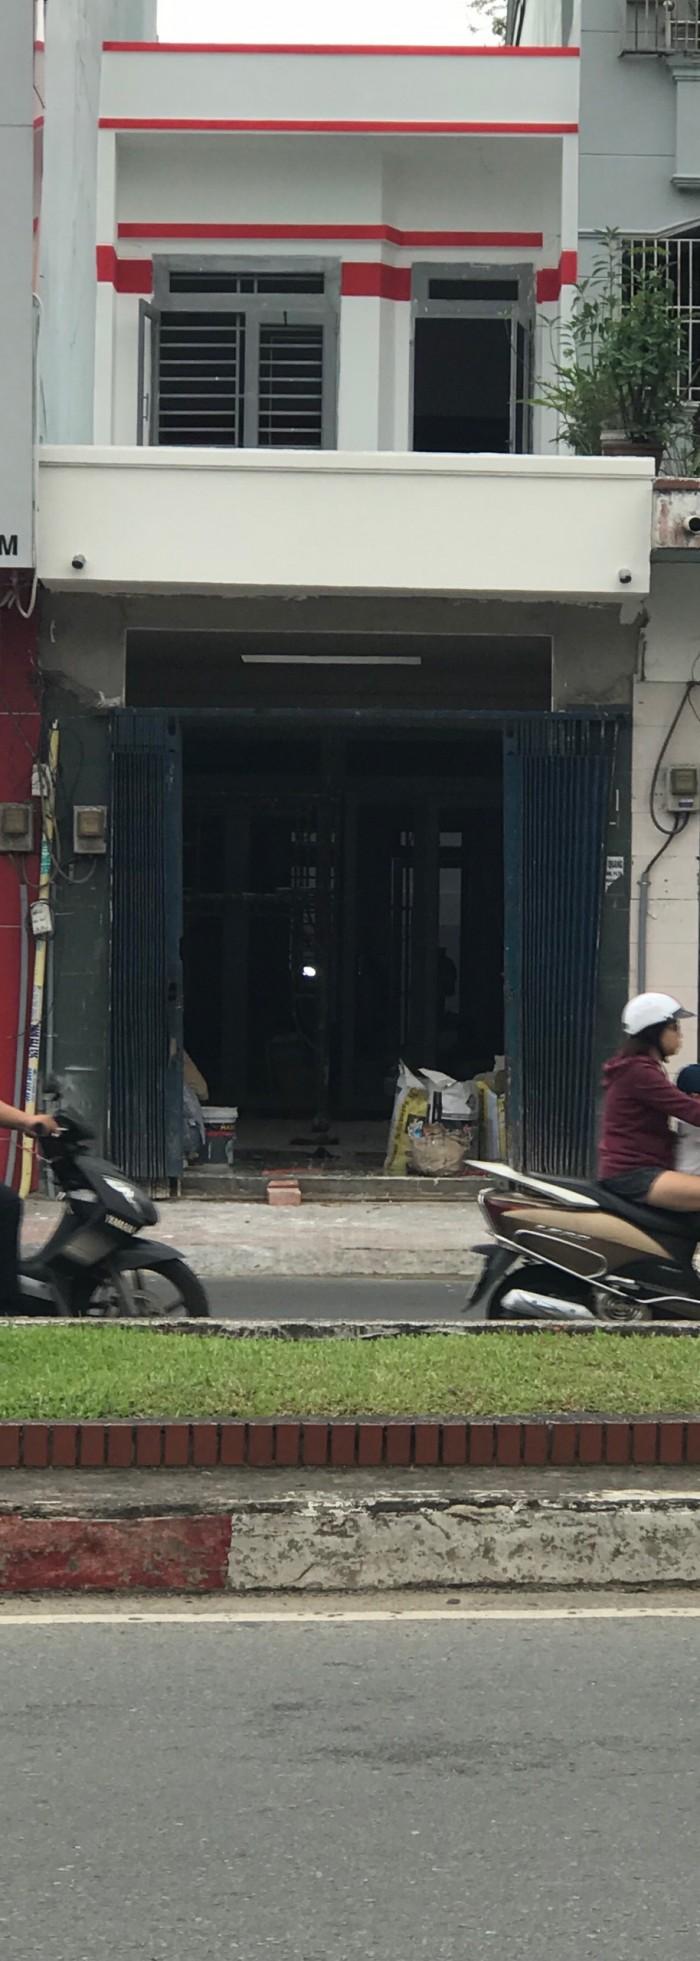 Bán gấp nhà mới xây mặt tiền Hoàng Văn Thụ, DT 92m2